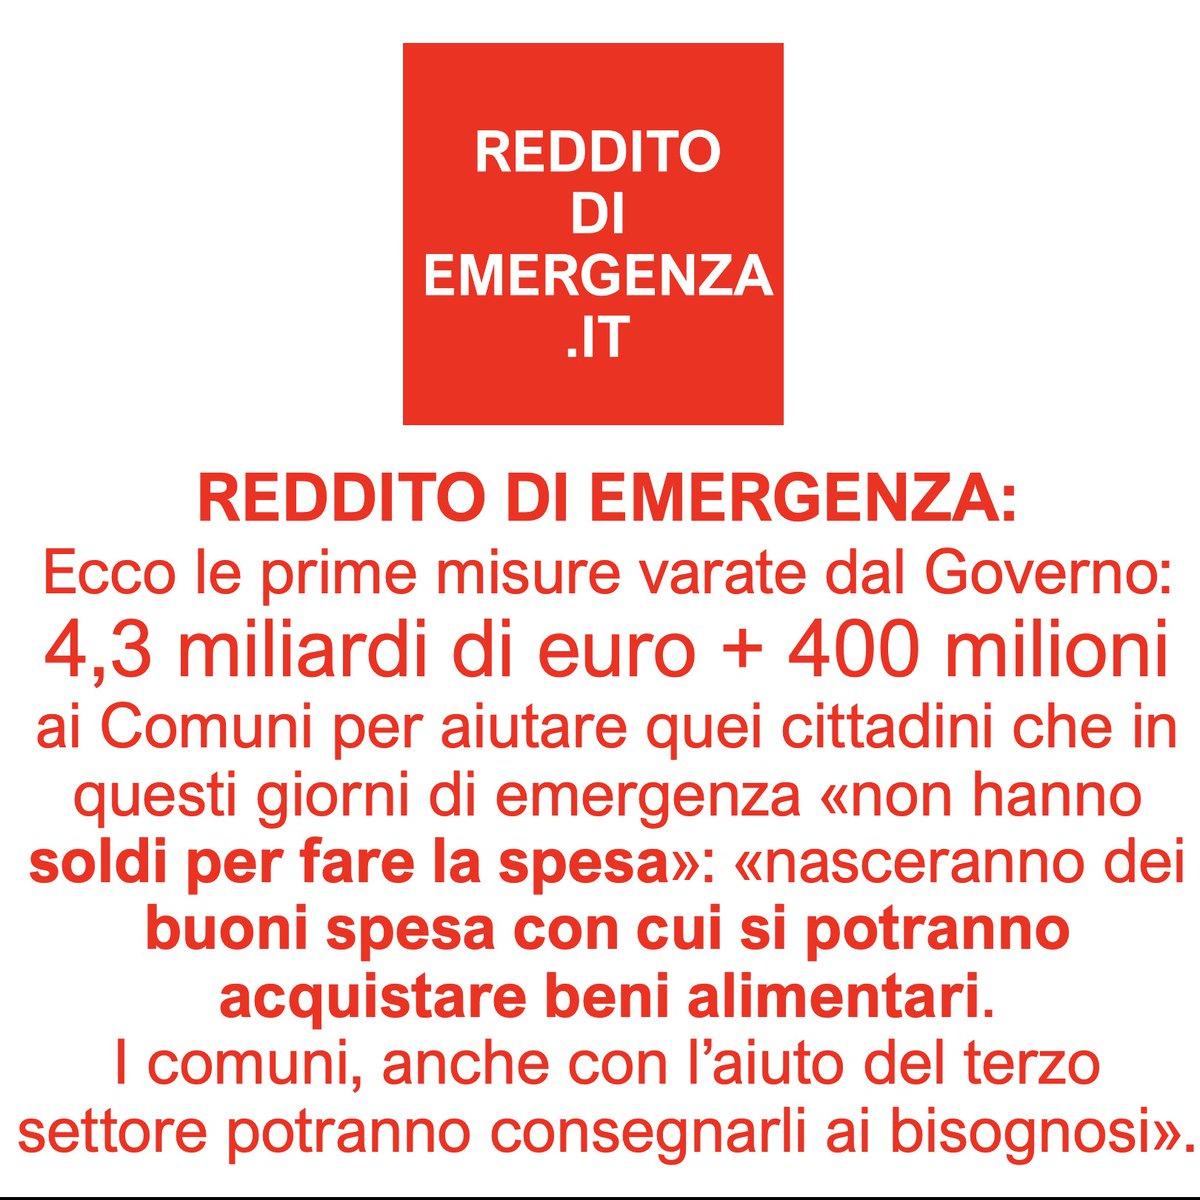 #RedditoDiEmergenza